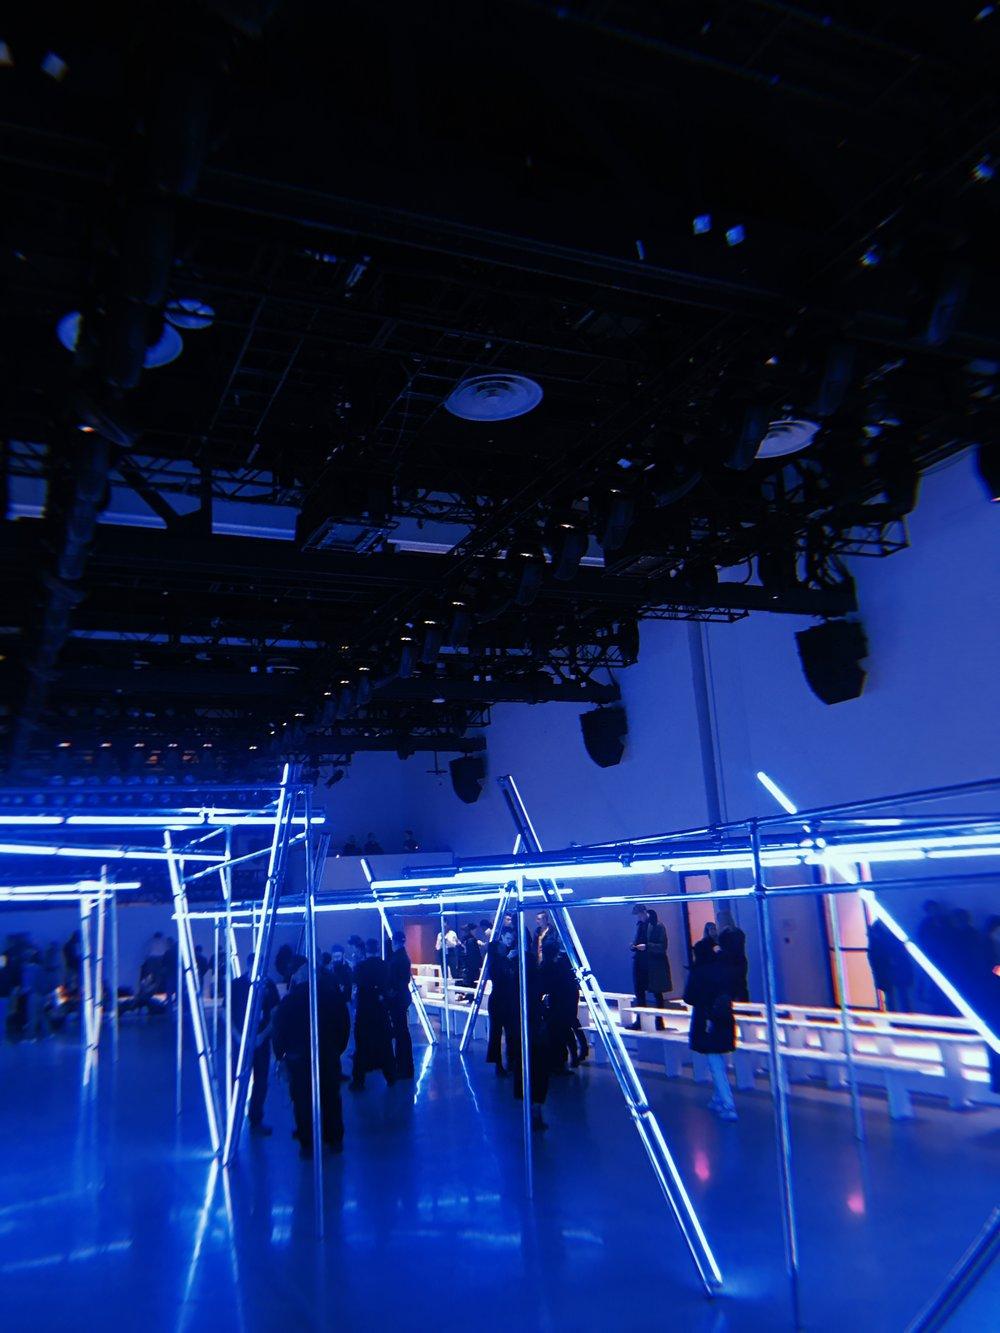 Production & Set design by Dizon Inc.